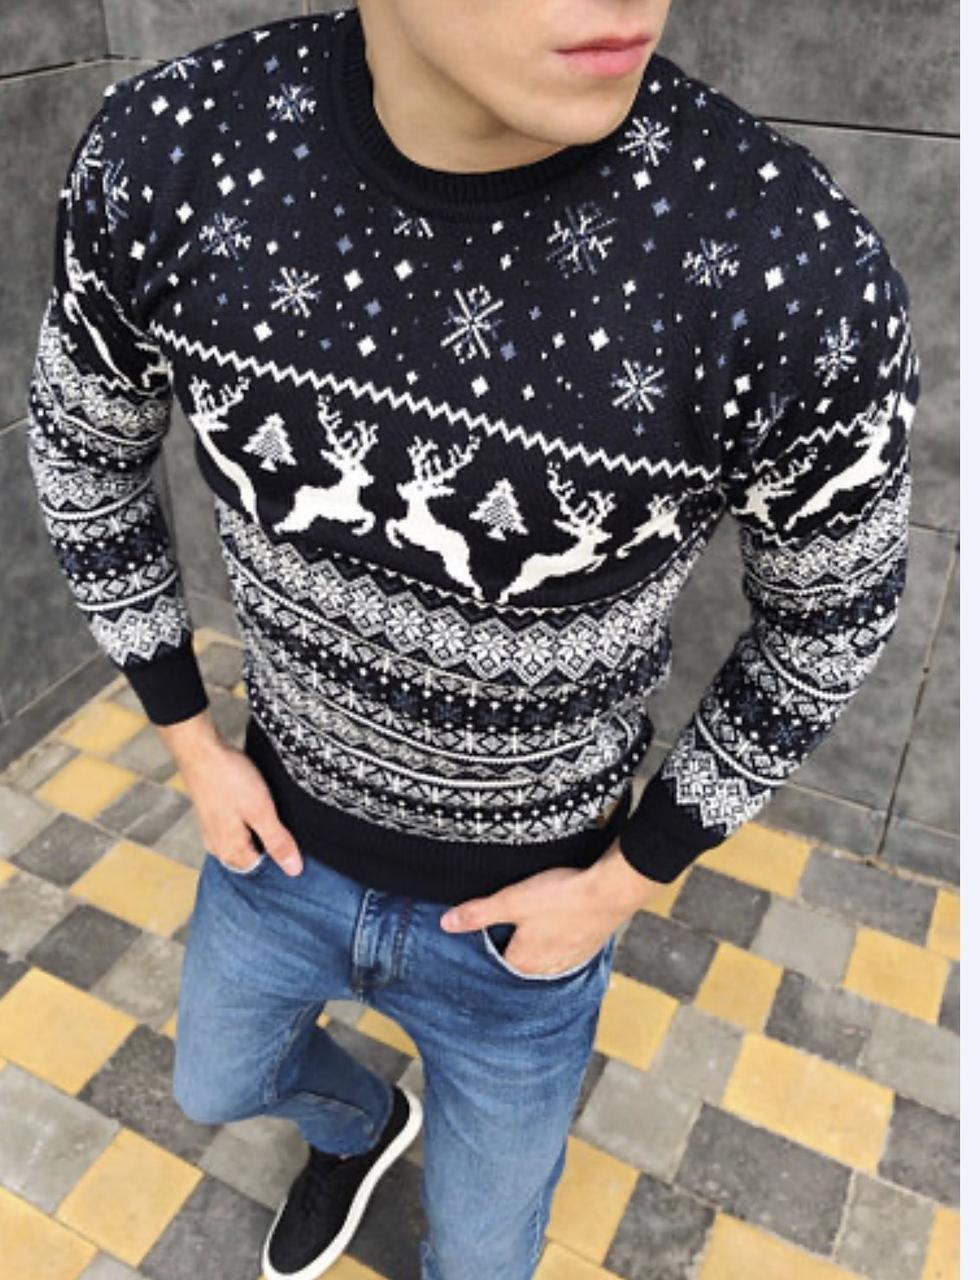 Тёплый молодёжный свитер с оленями  М-2XL большой ассортимент,разные цвета и орнаменты